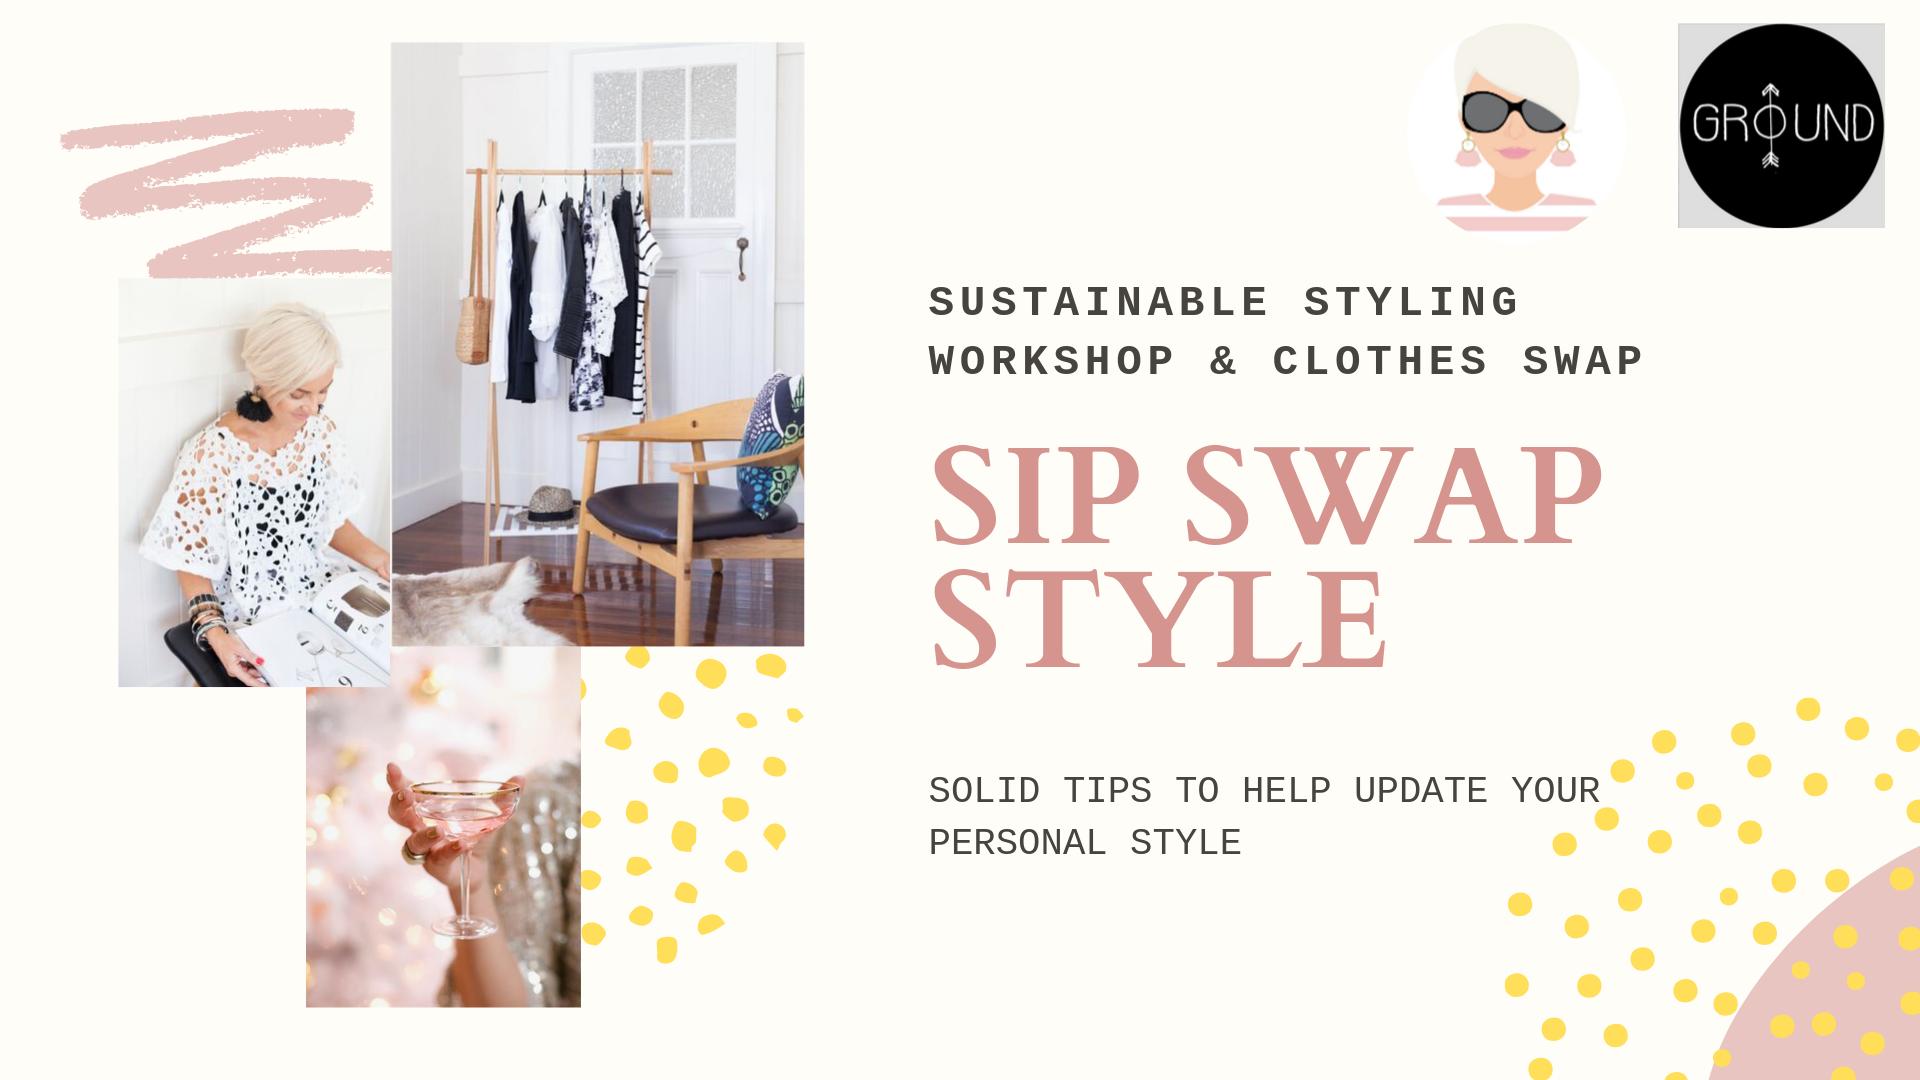 SIP SWAP STYLE WORKSHOP & CLOTHES SWAP